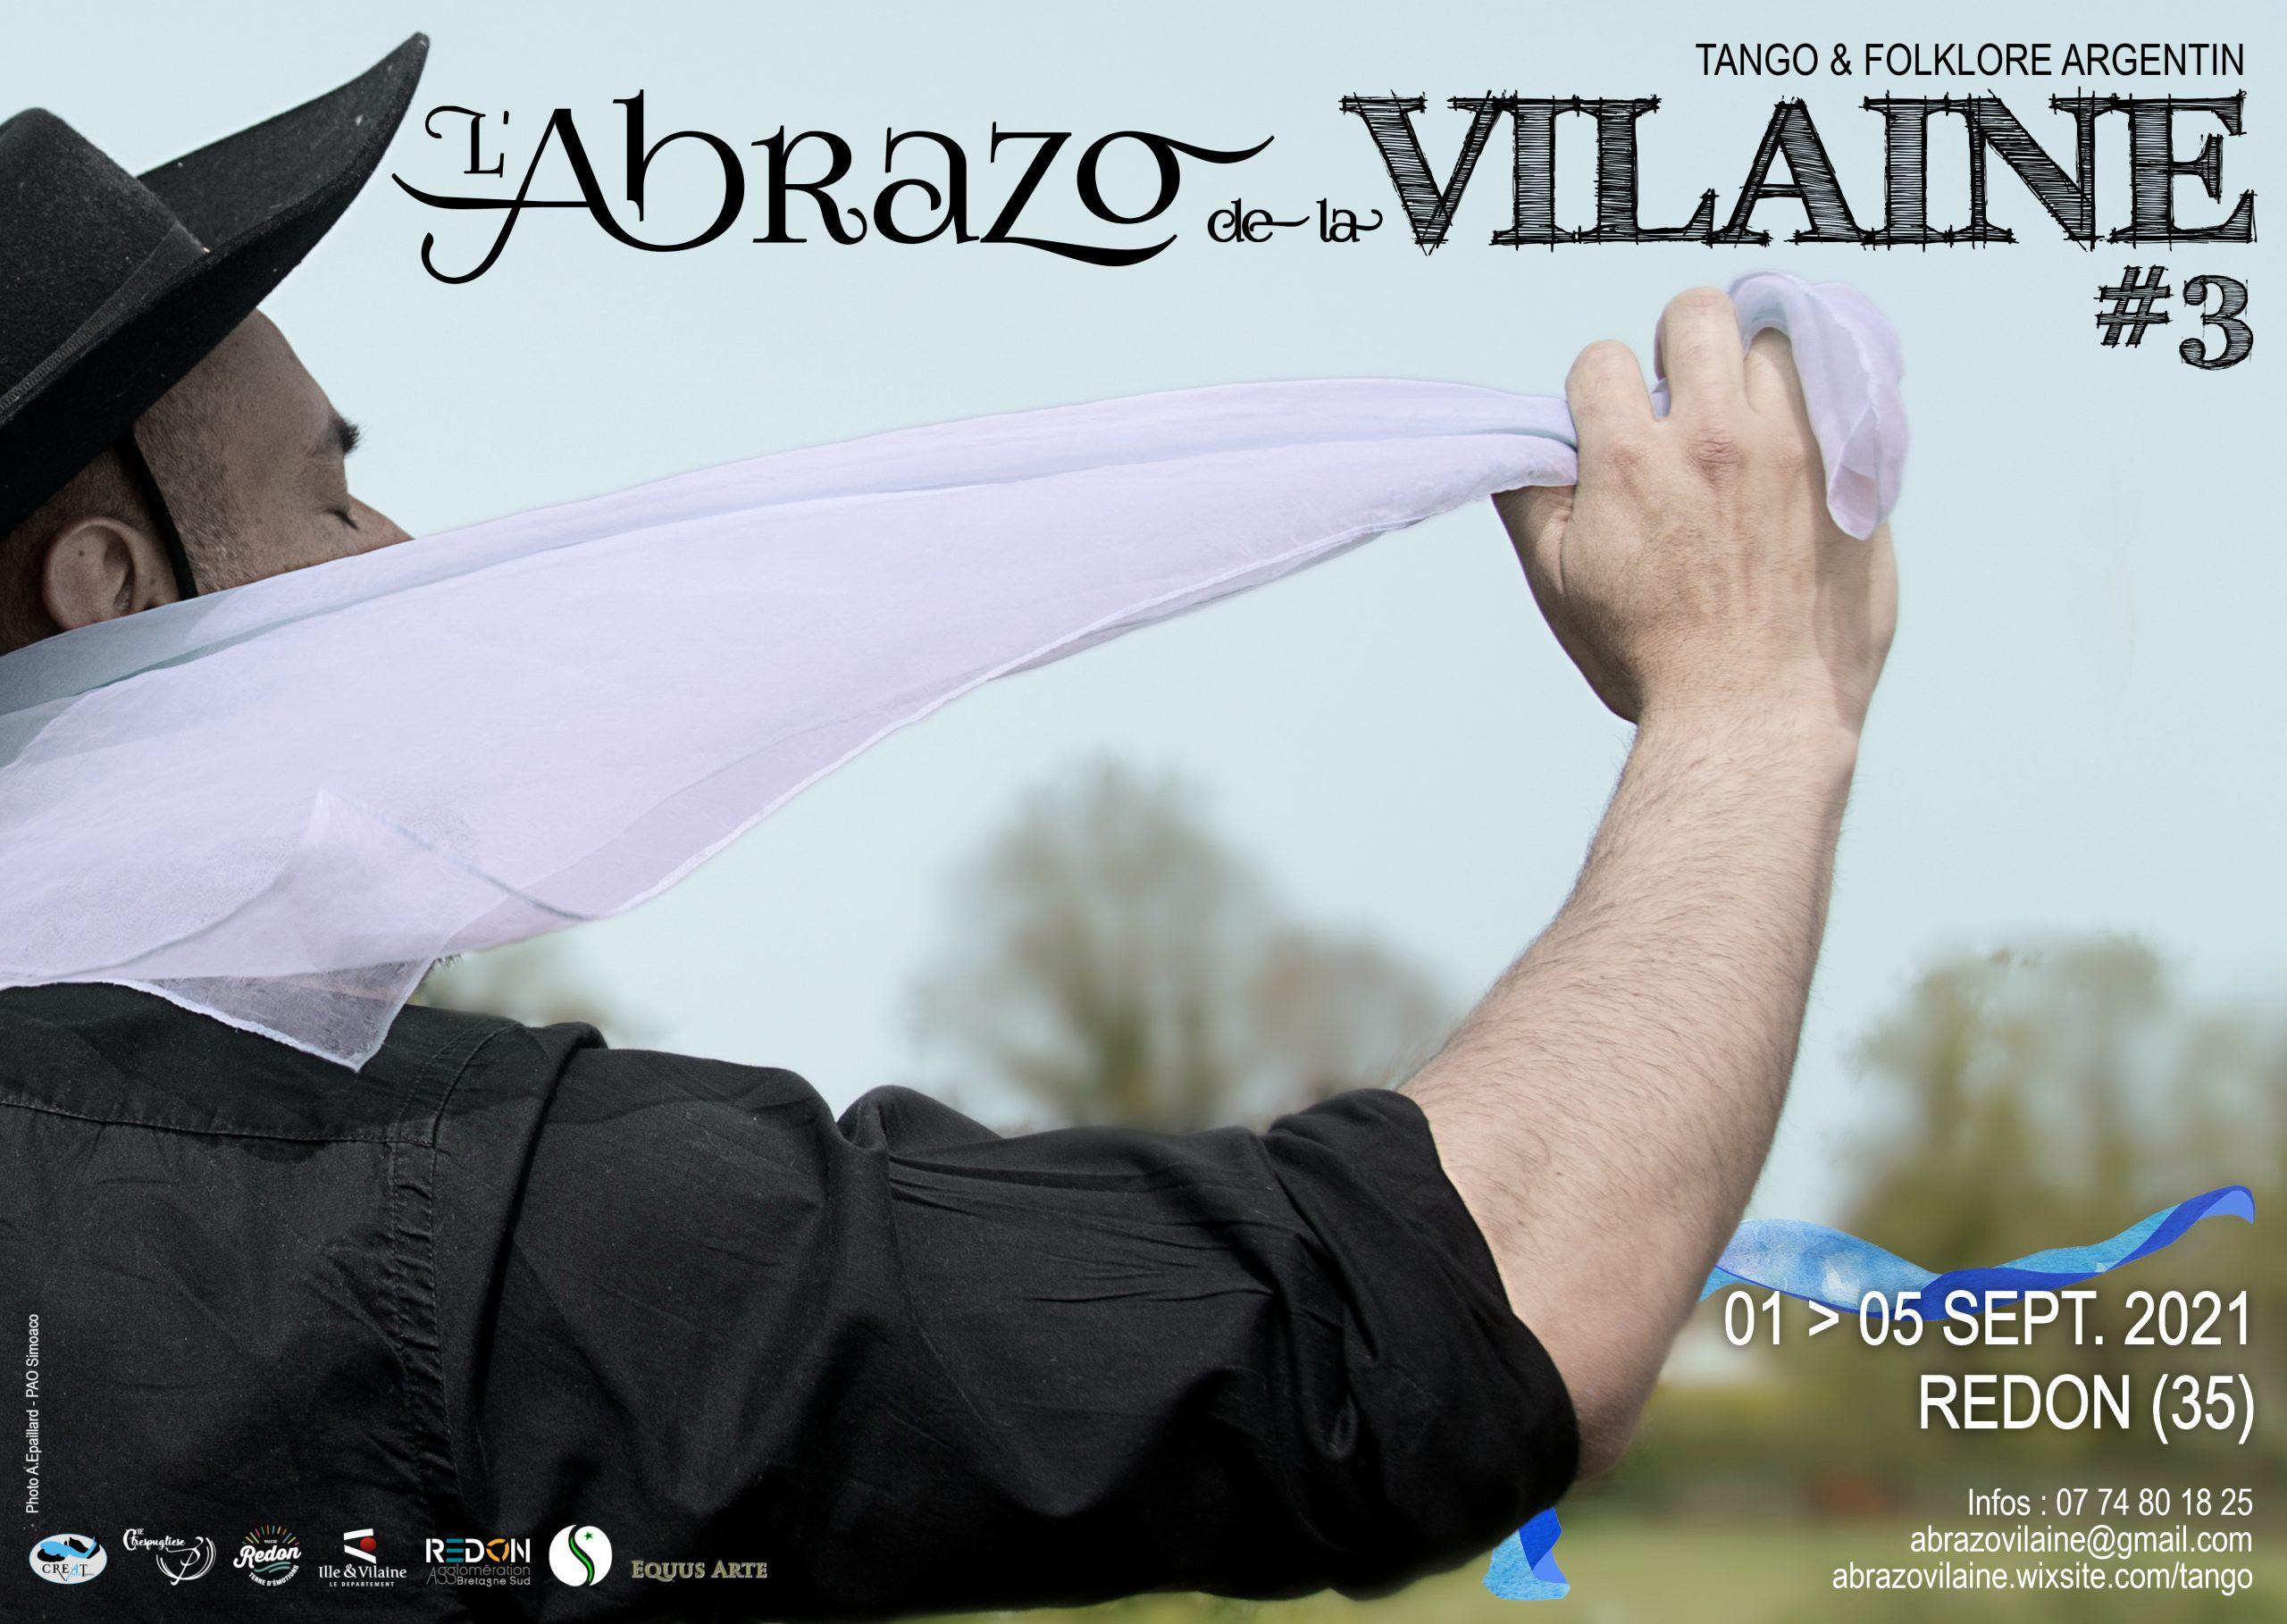 Festival de tango et folklore argentin L'Abrazo de la Vilaine